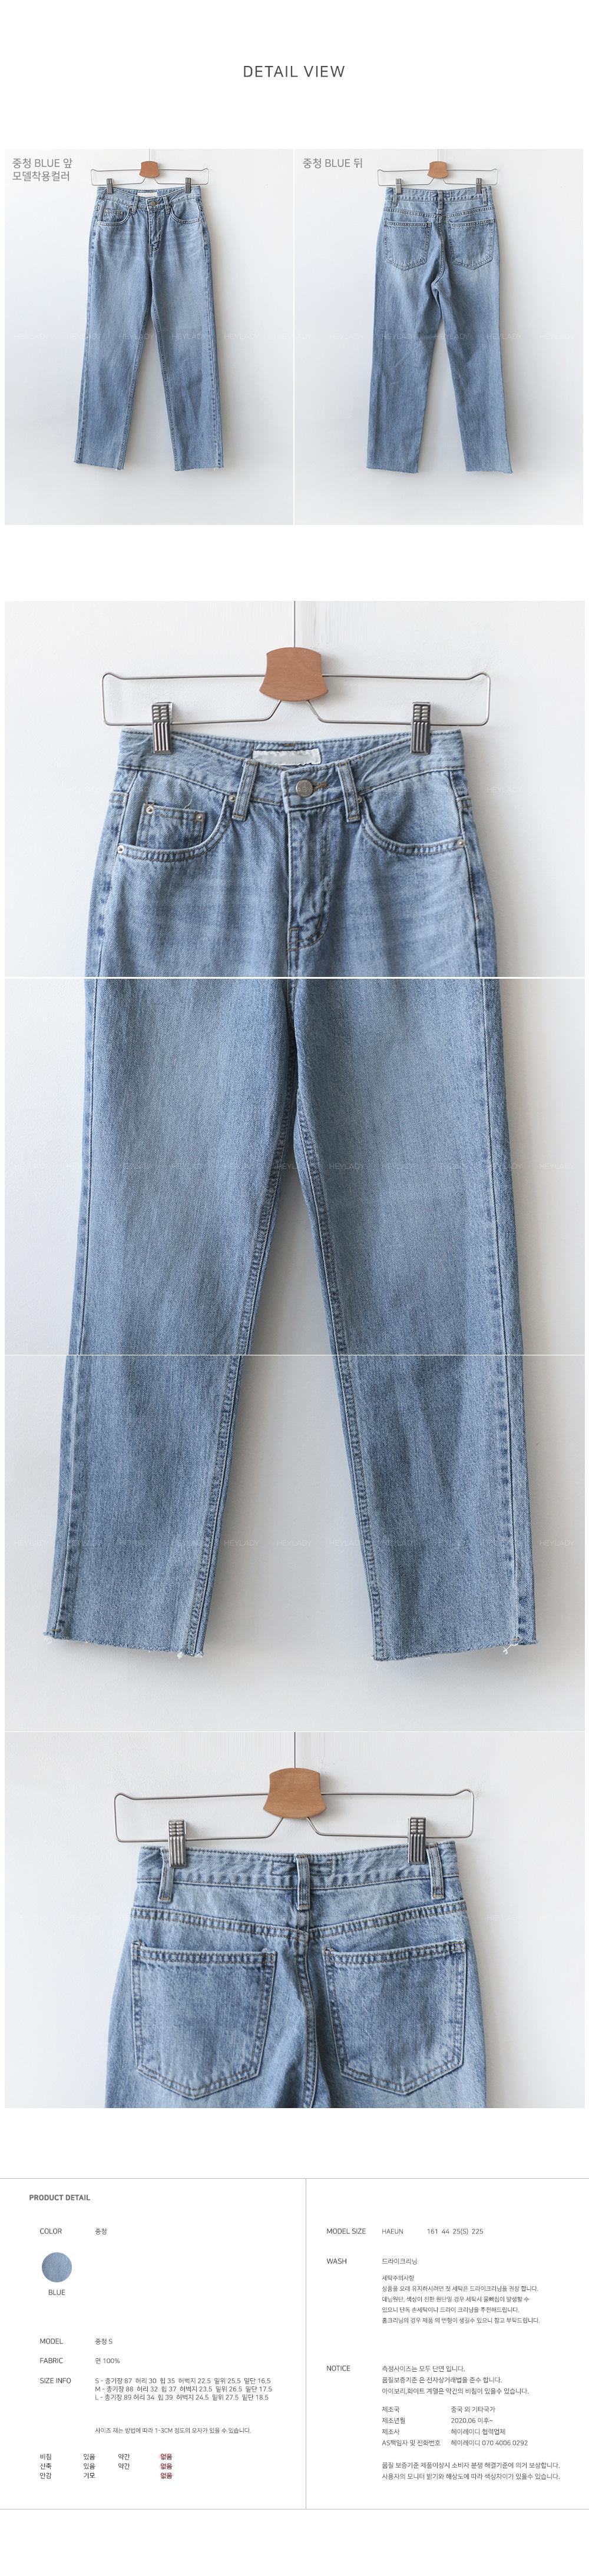 Calvis Date Denim Pants